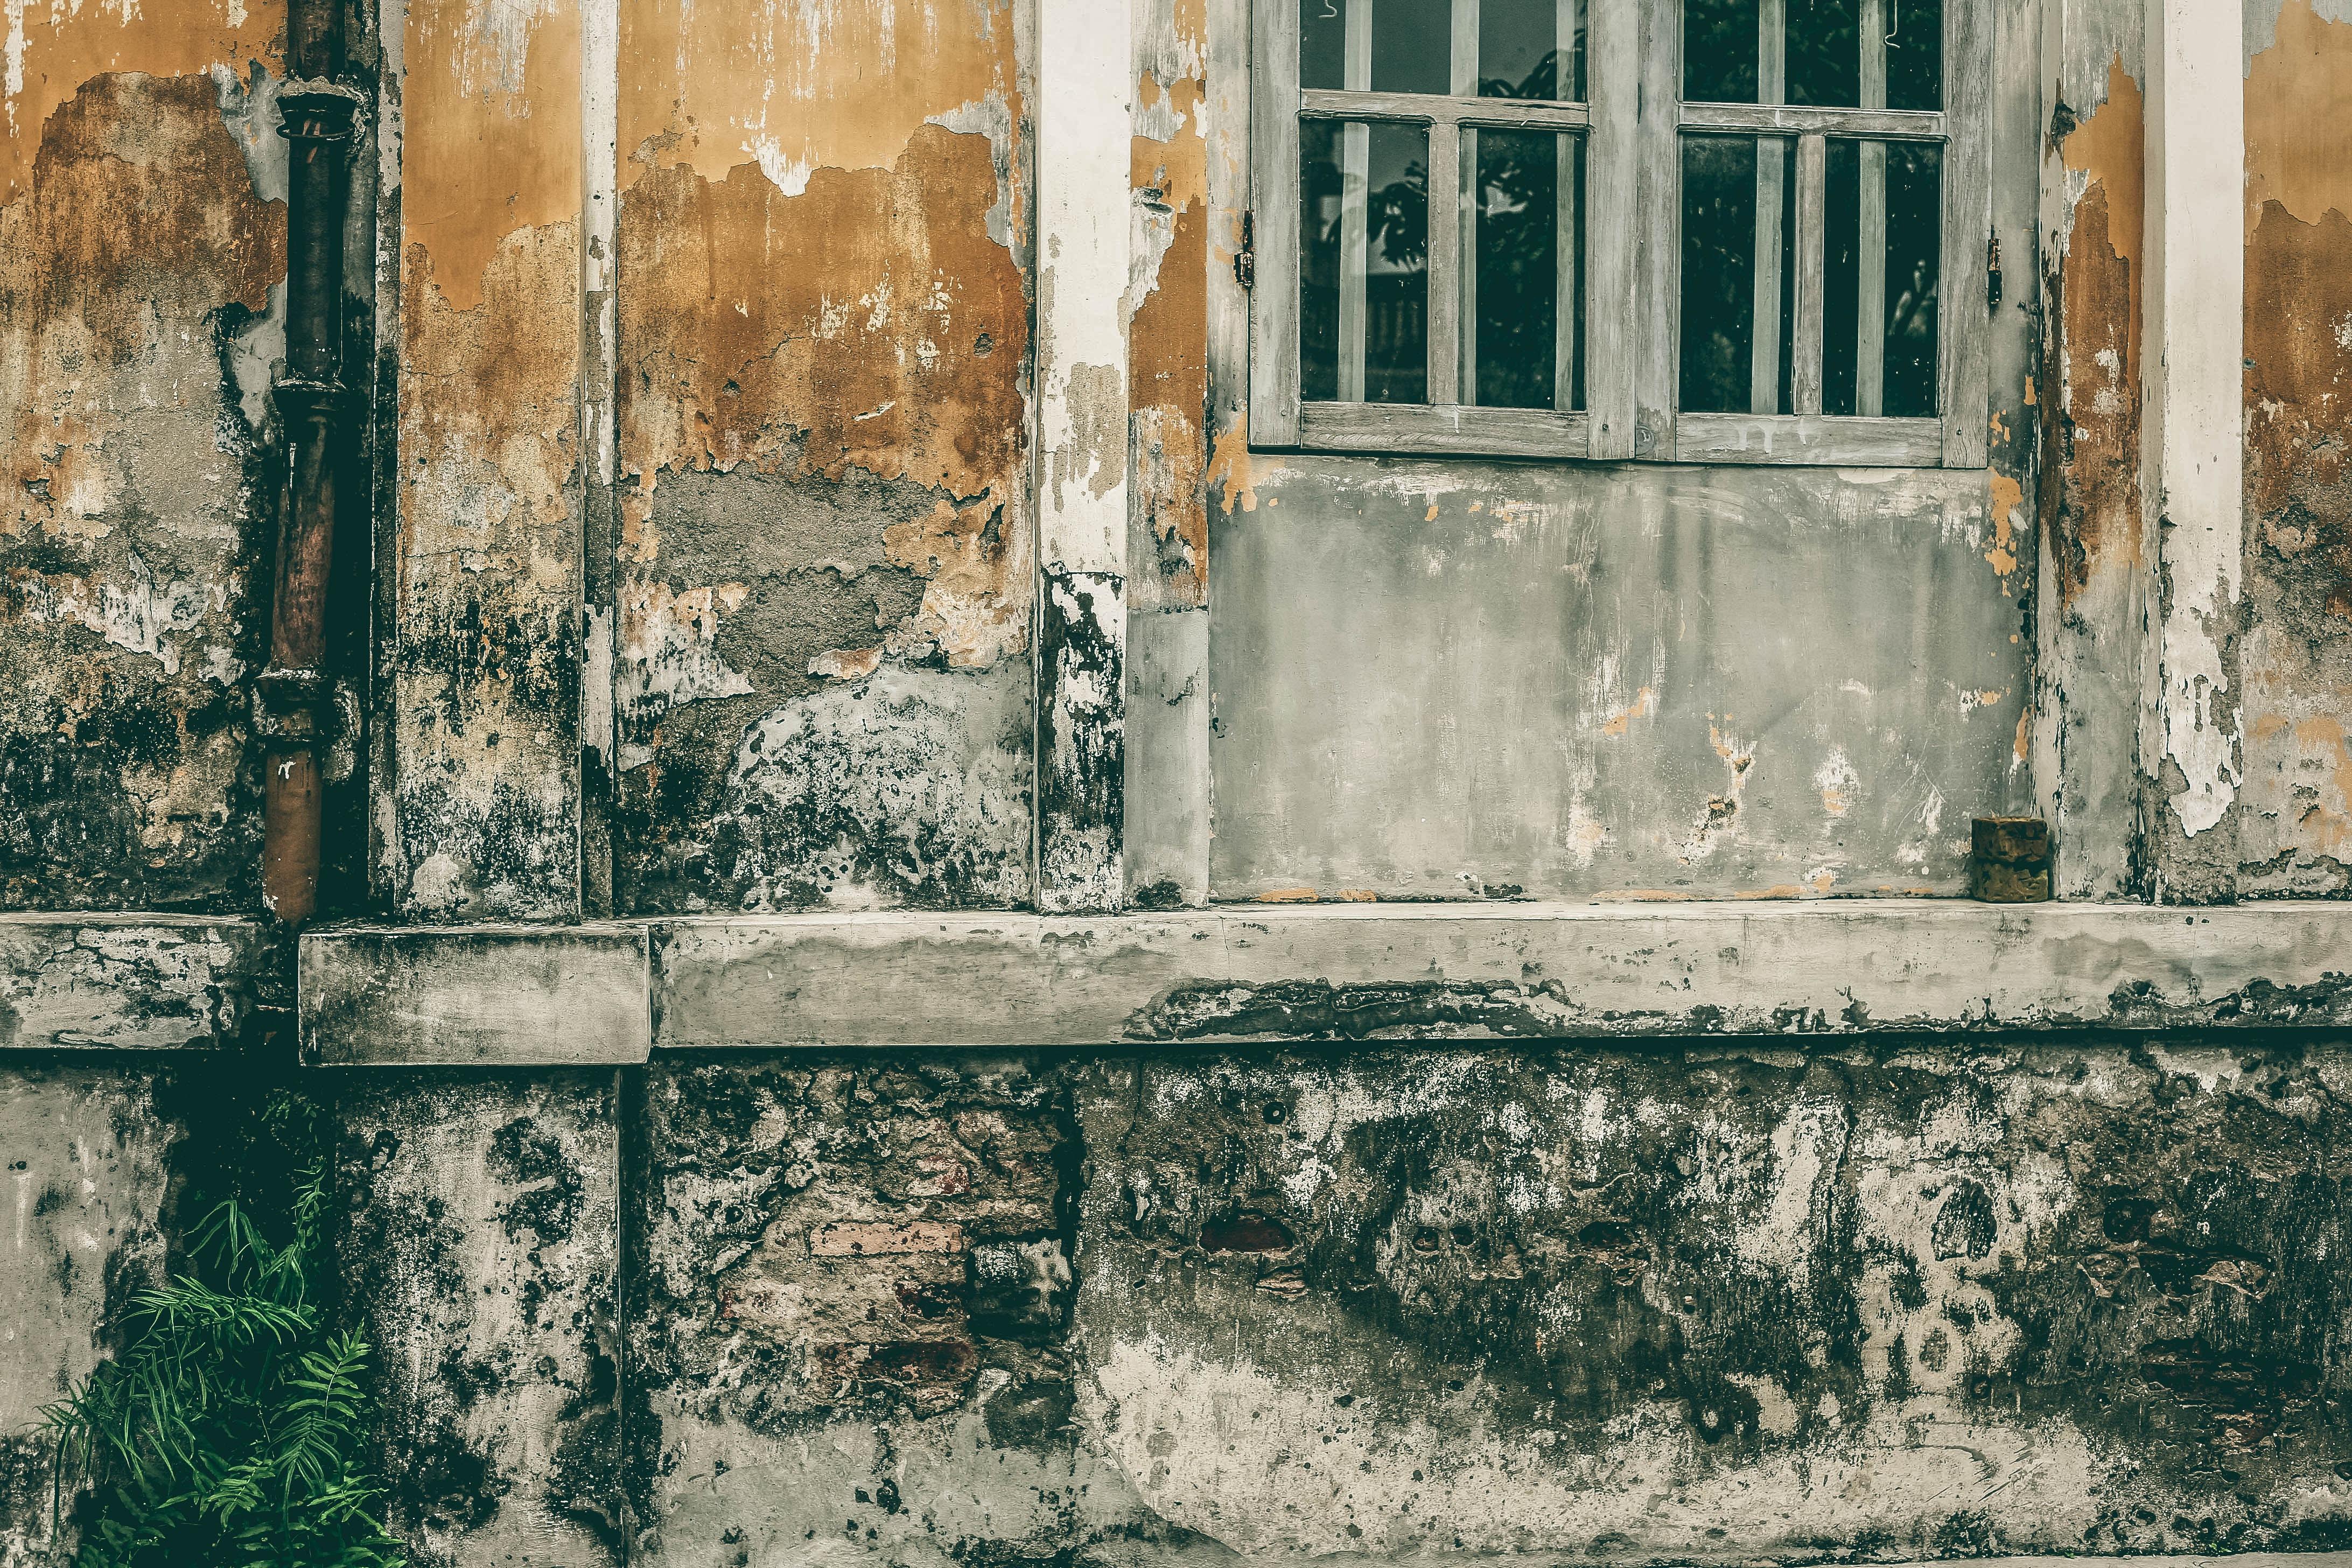 shallow focus photography of gray wooden door